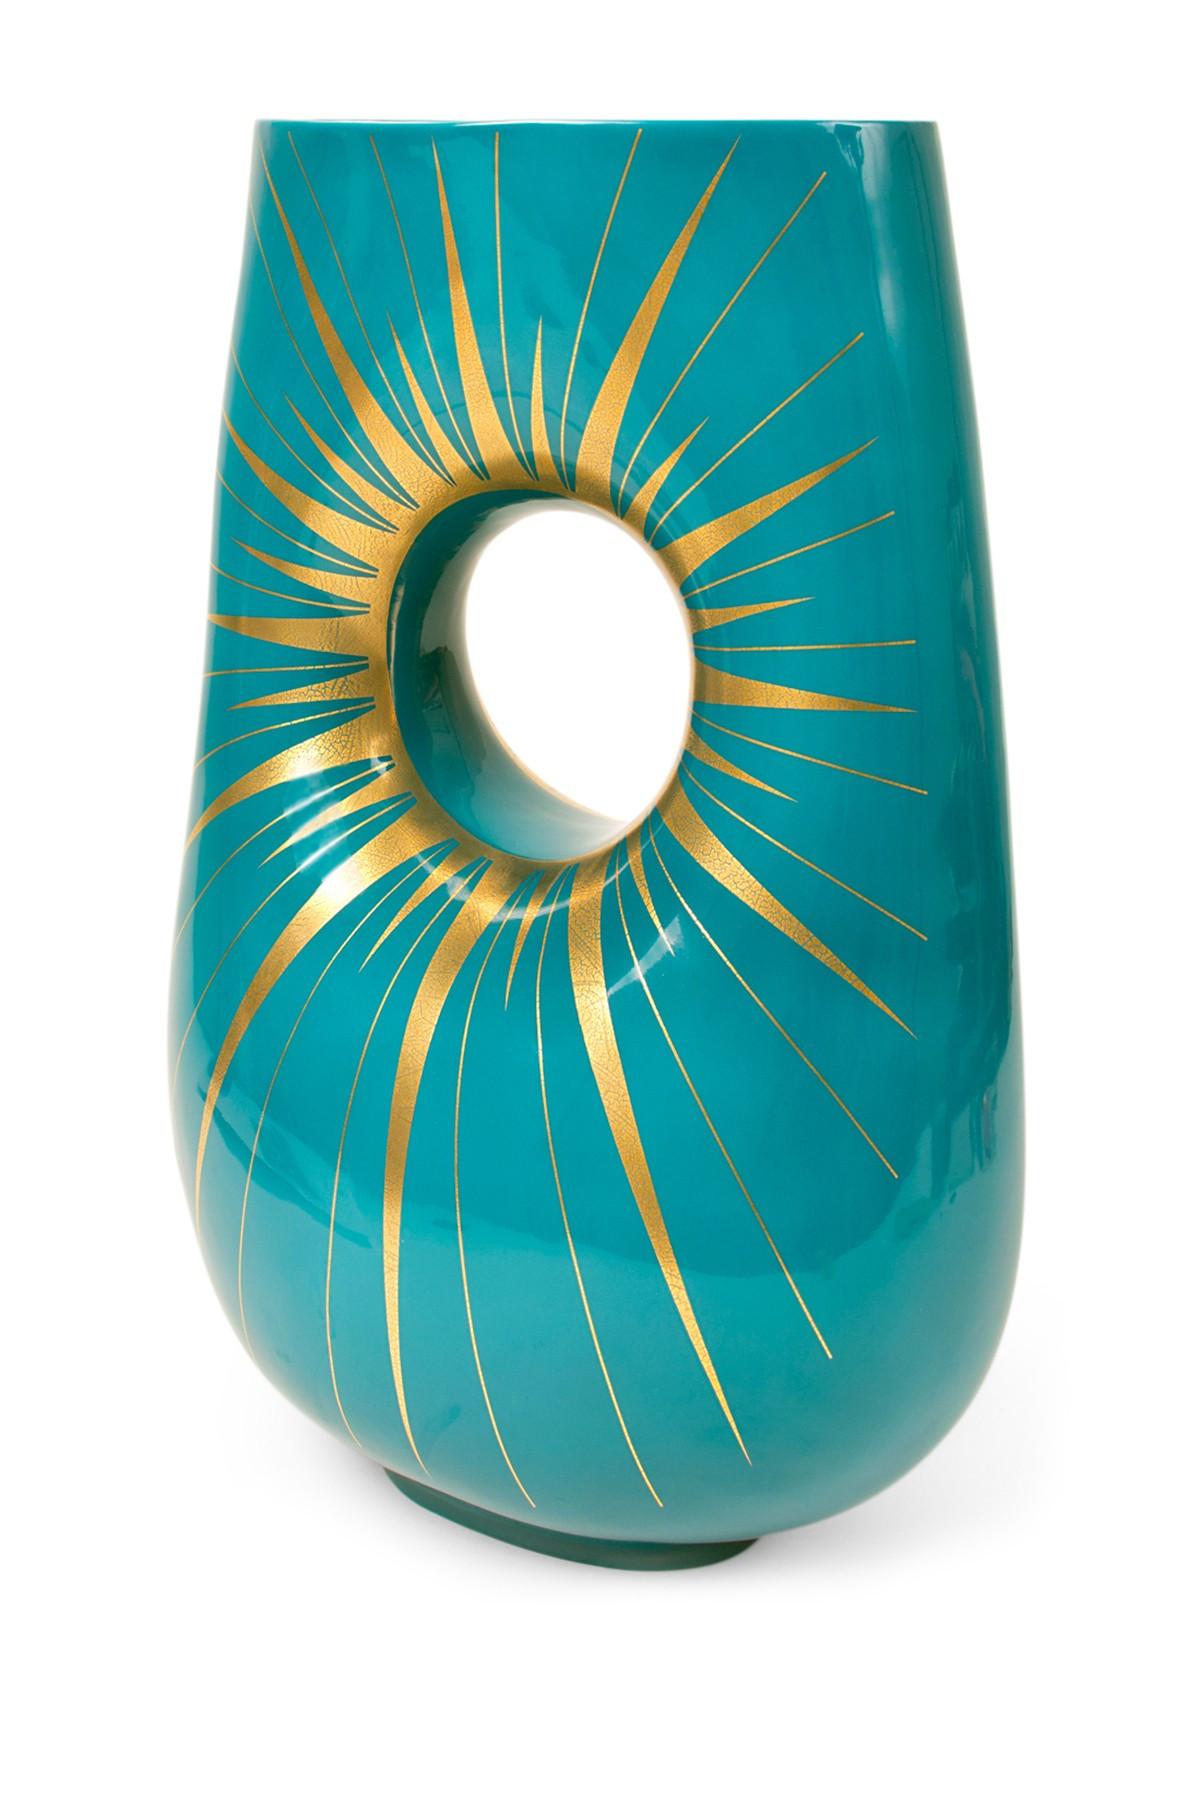 jonathan adler lips vase of jonathan adler santorini teal nyx vase nordstrom rack intended for image of jonathan adler santorini teal nyx vase